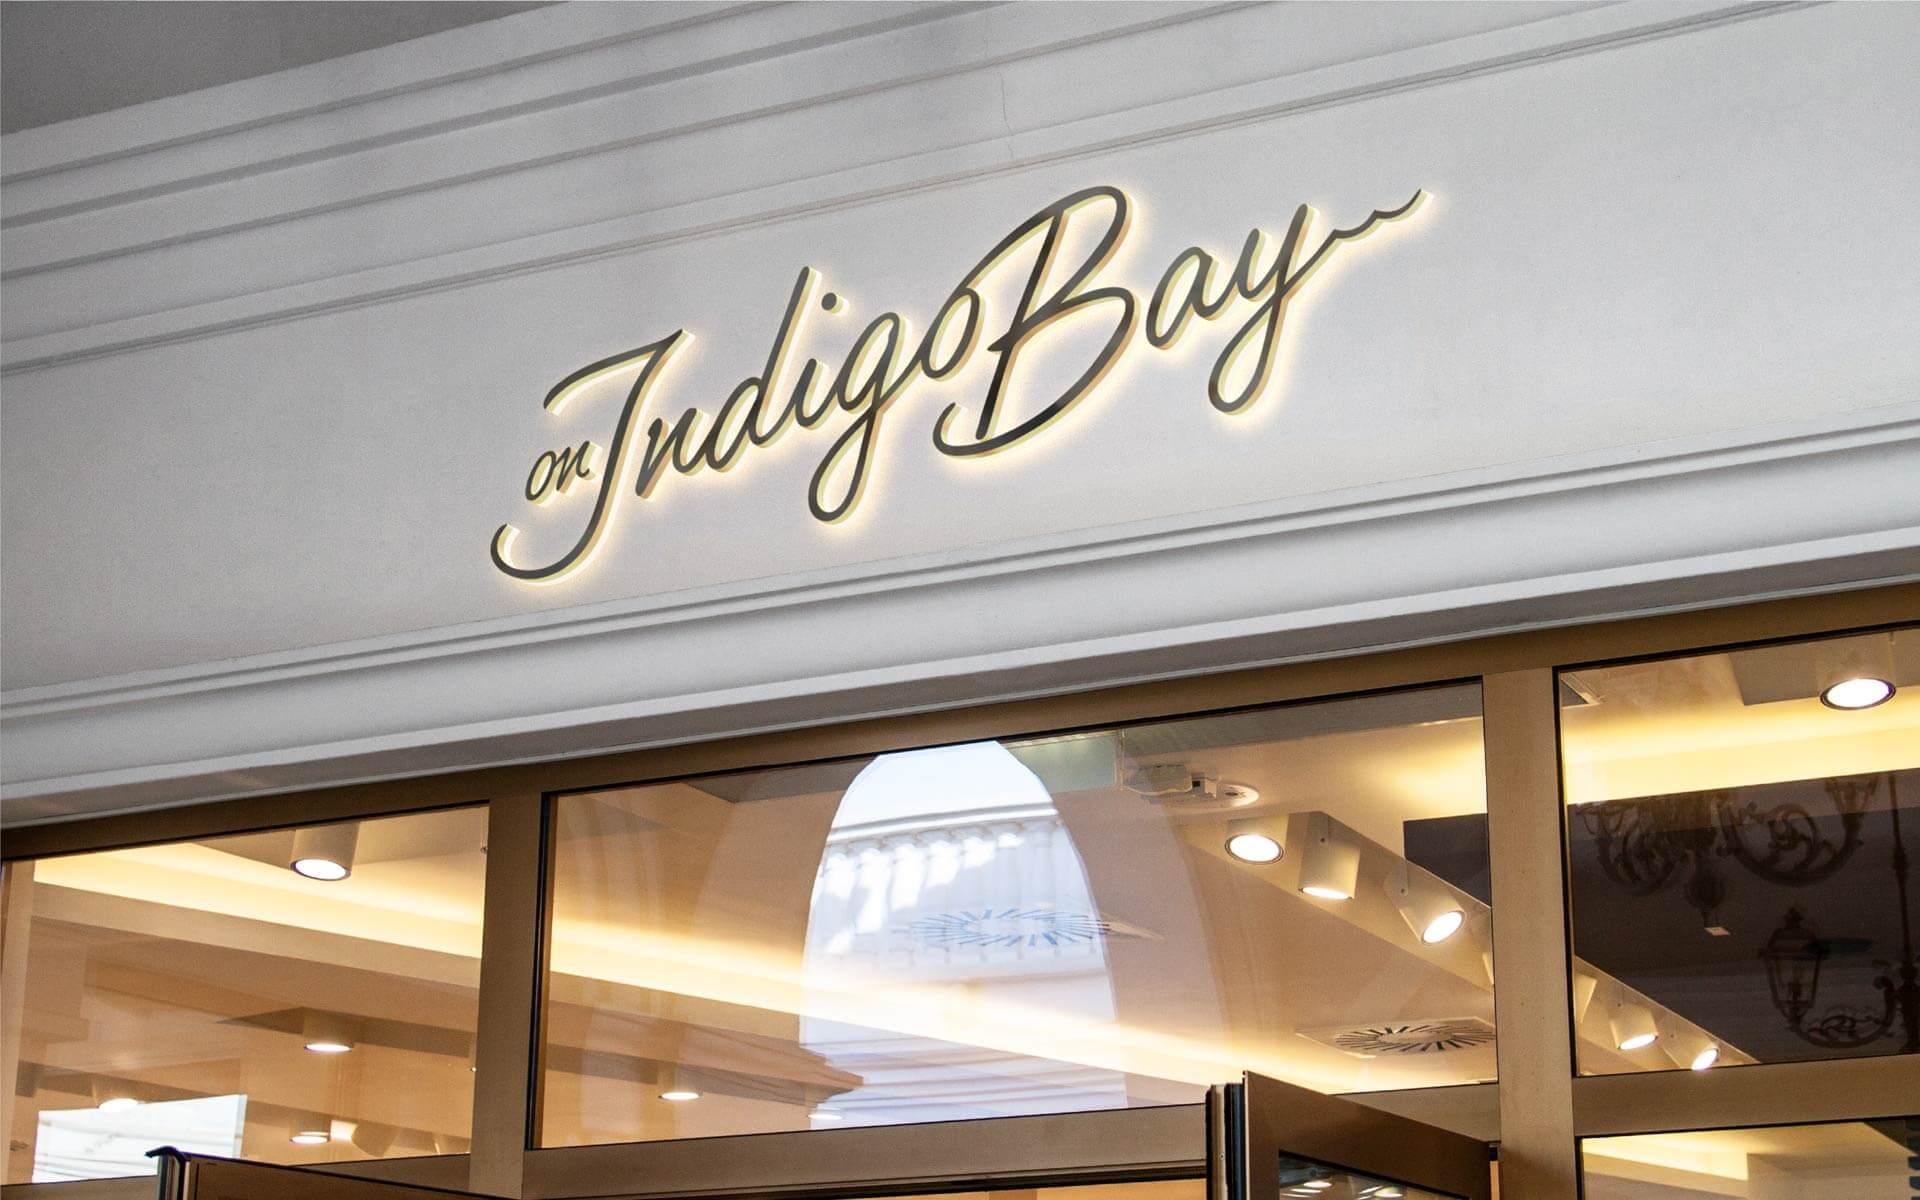 On Indigo Bay Storefront